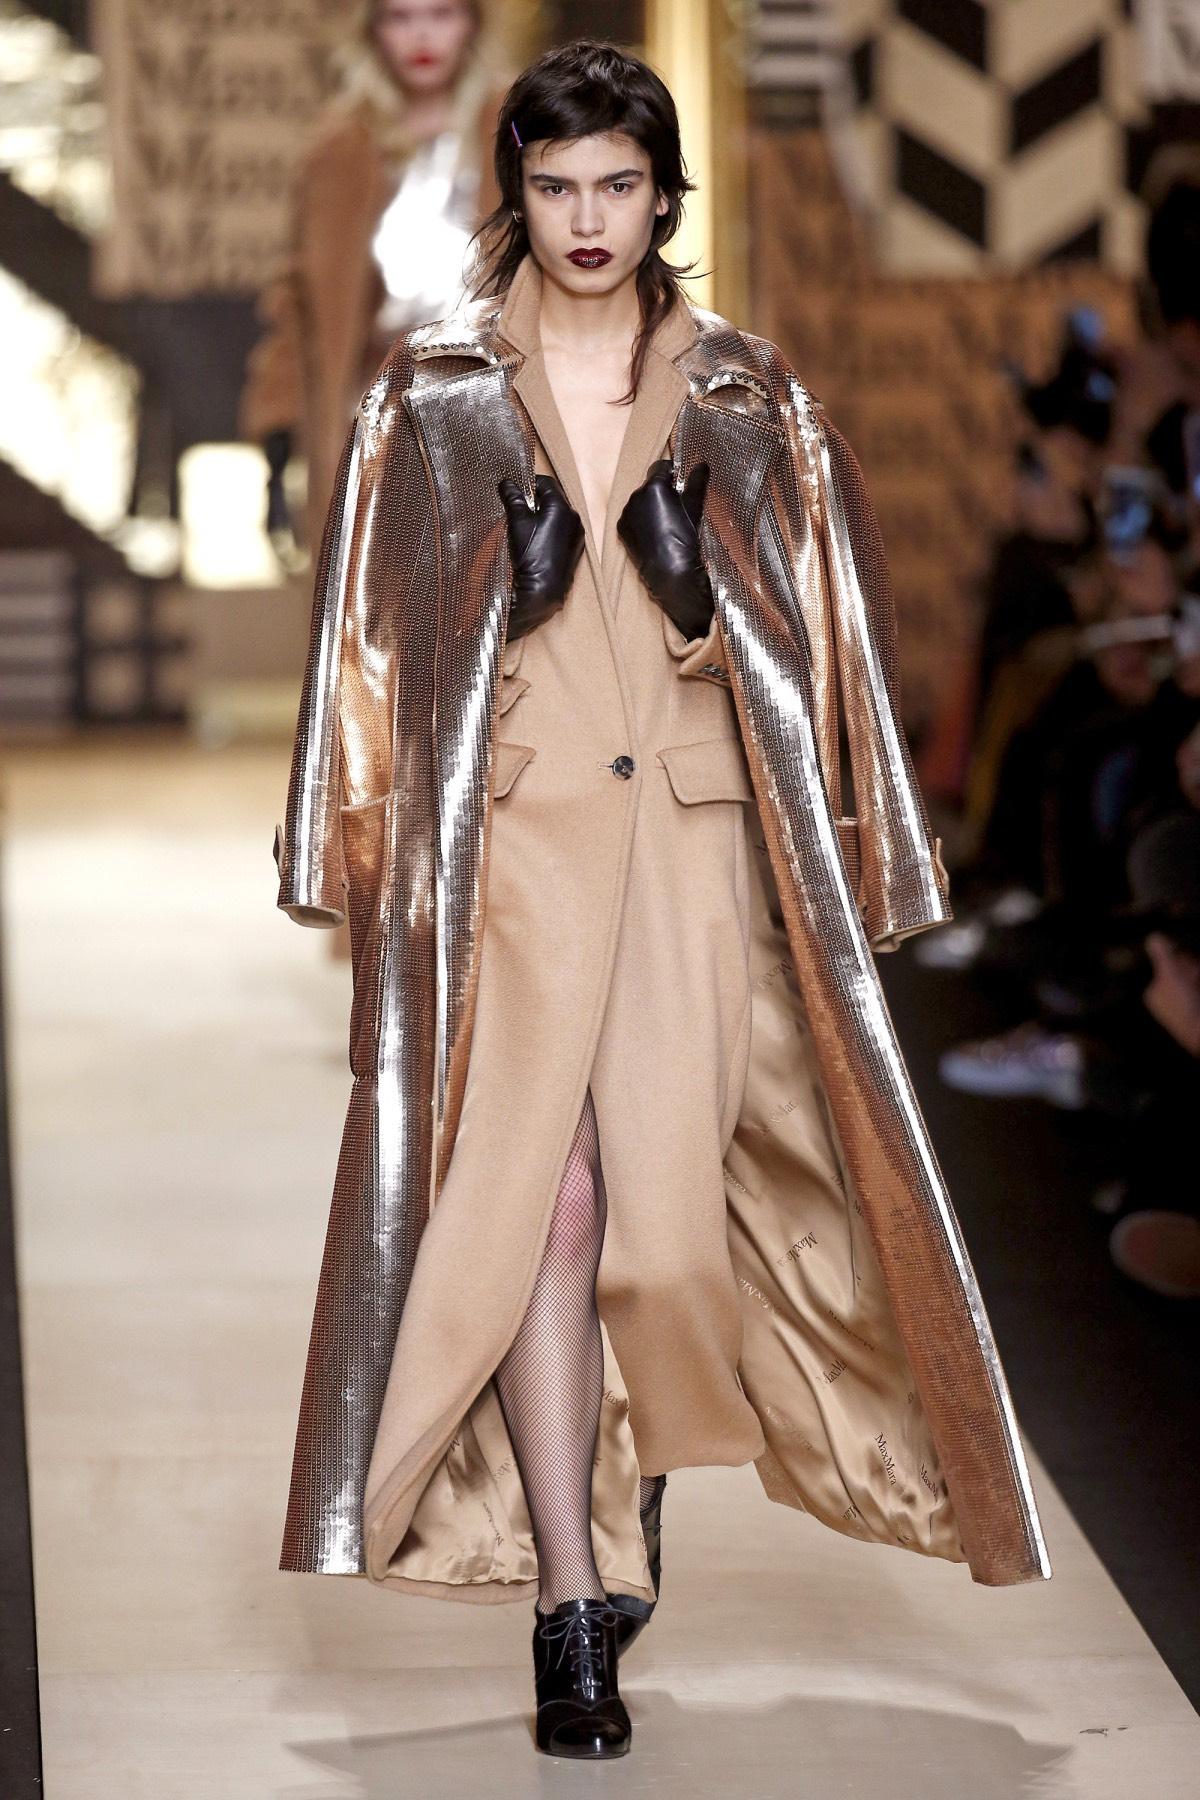 Max Mara sfilata donna autunno inverno 20162017 Foto e video  Moda uomo Moda donna